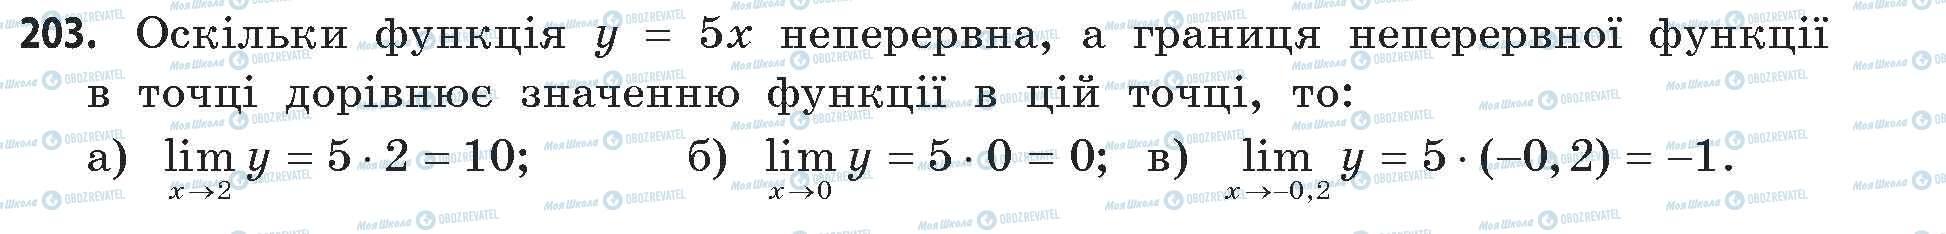 ГДЗ Математика 11 класс страница 203